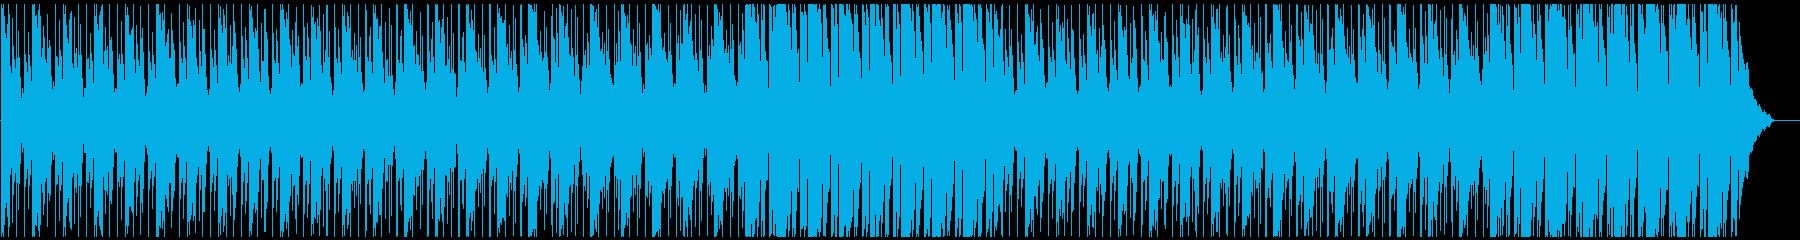 企業VPに 穏やか・温かい ピアノメインの再生済みの波形